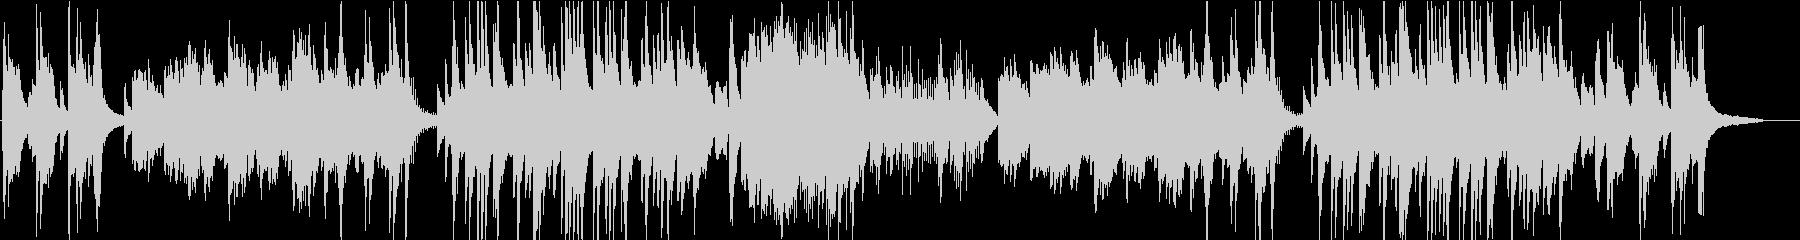 温泉をイメージしたピアノソロインストの未再生の波形